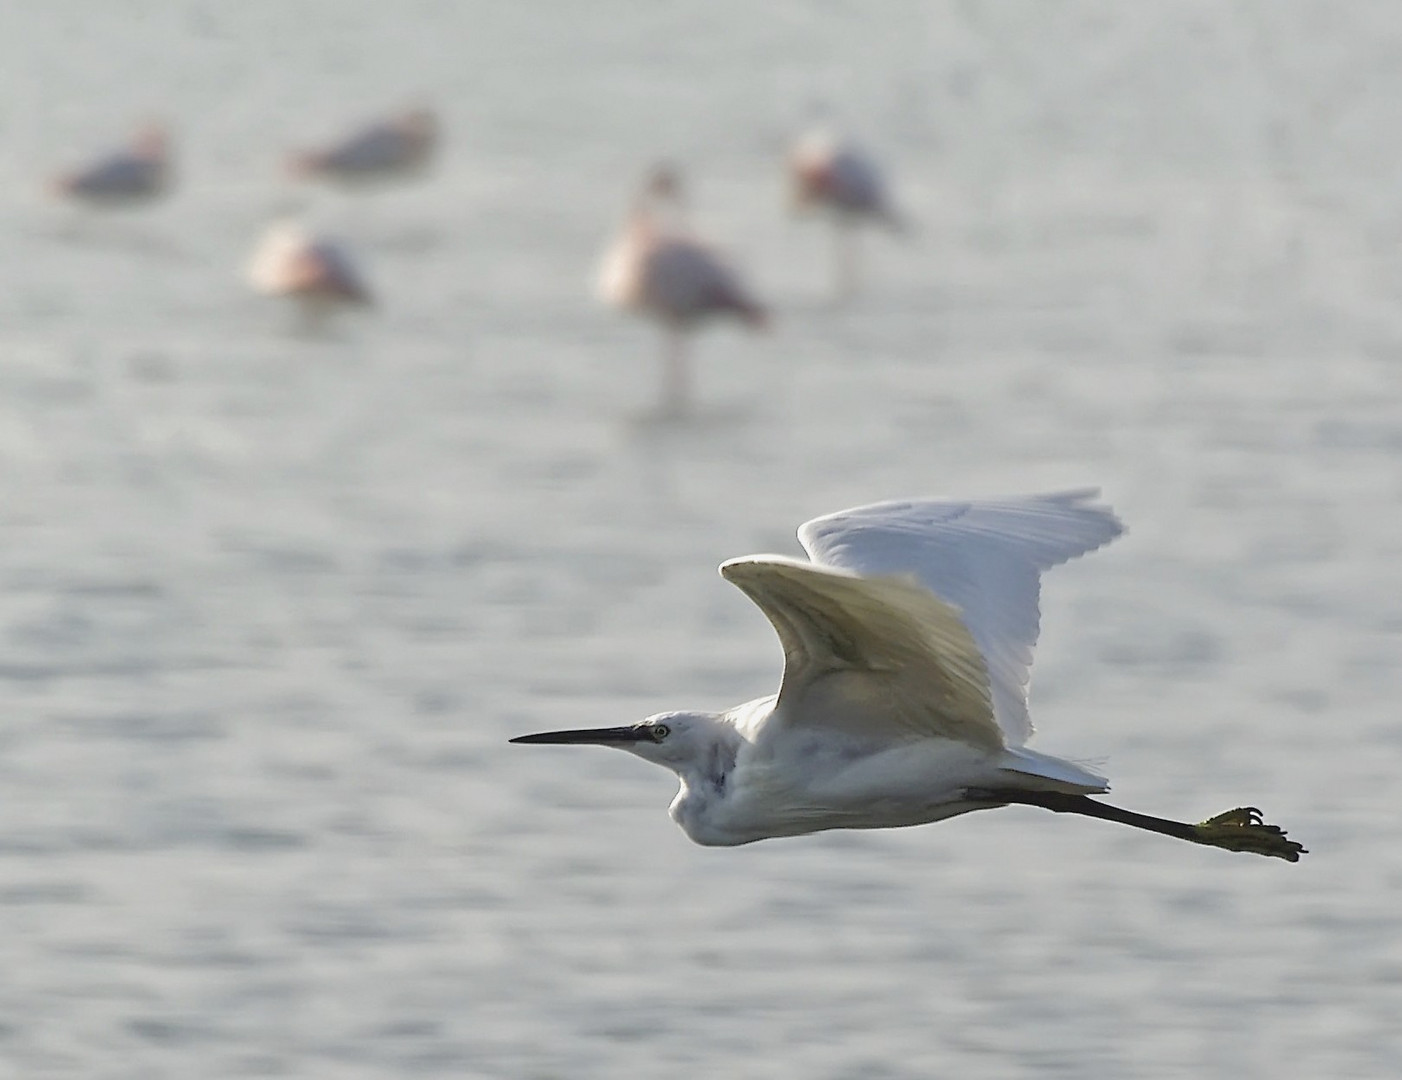 vol au dessus d'un nid de flamants